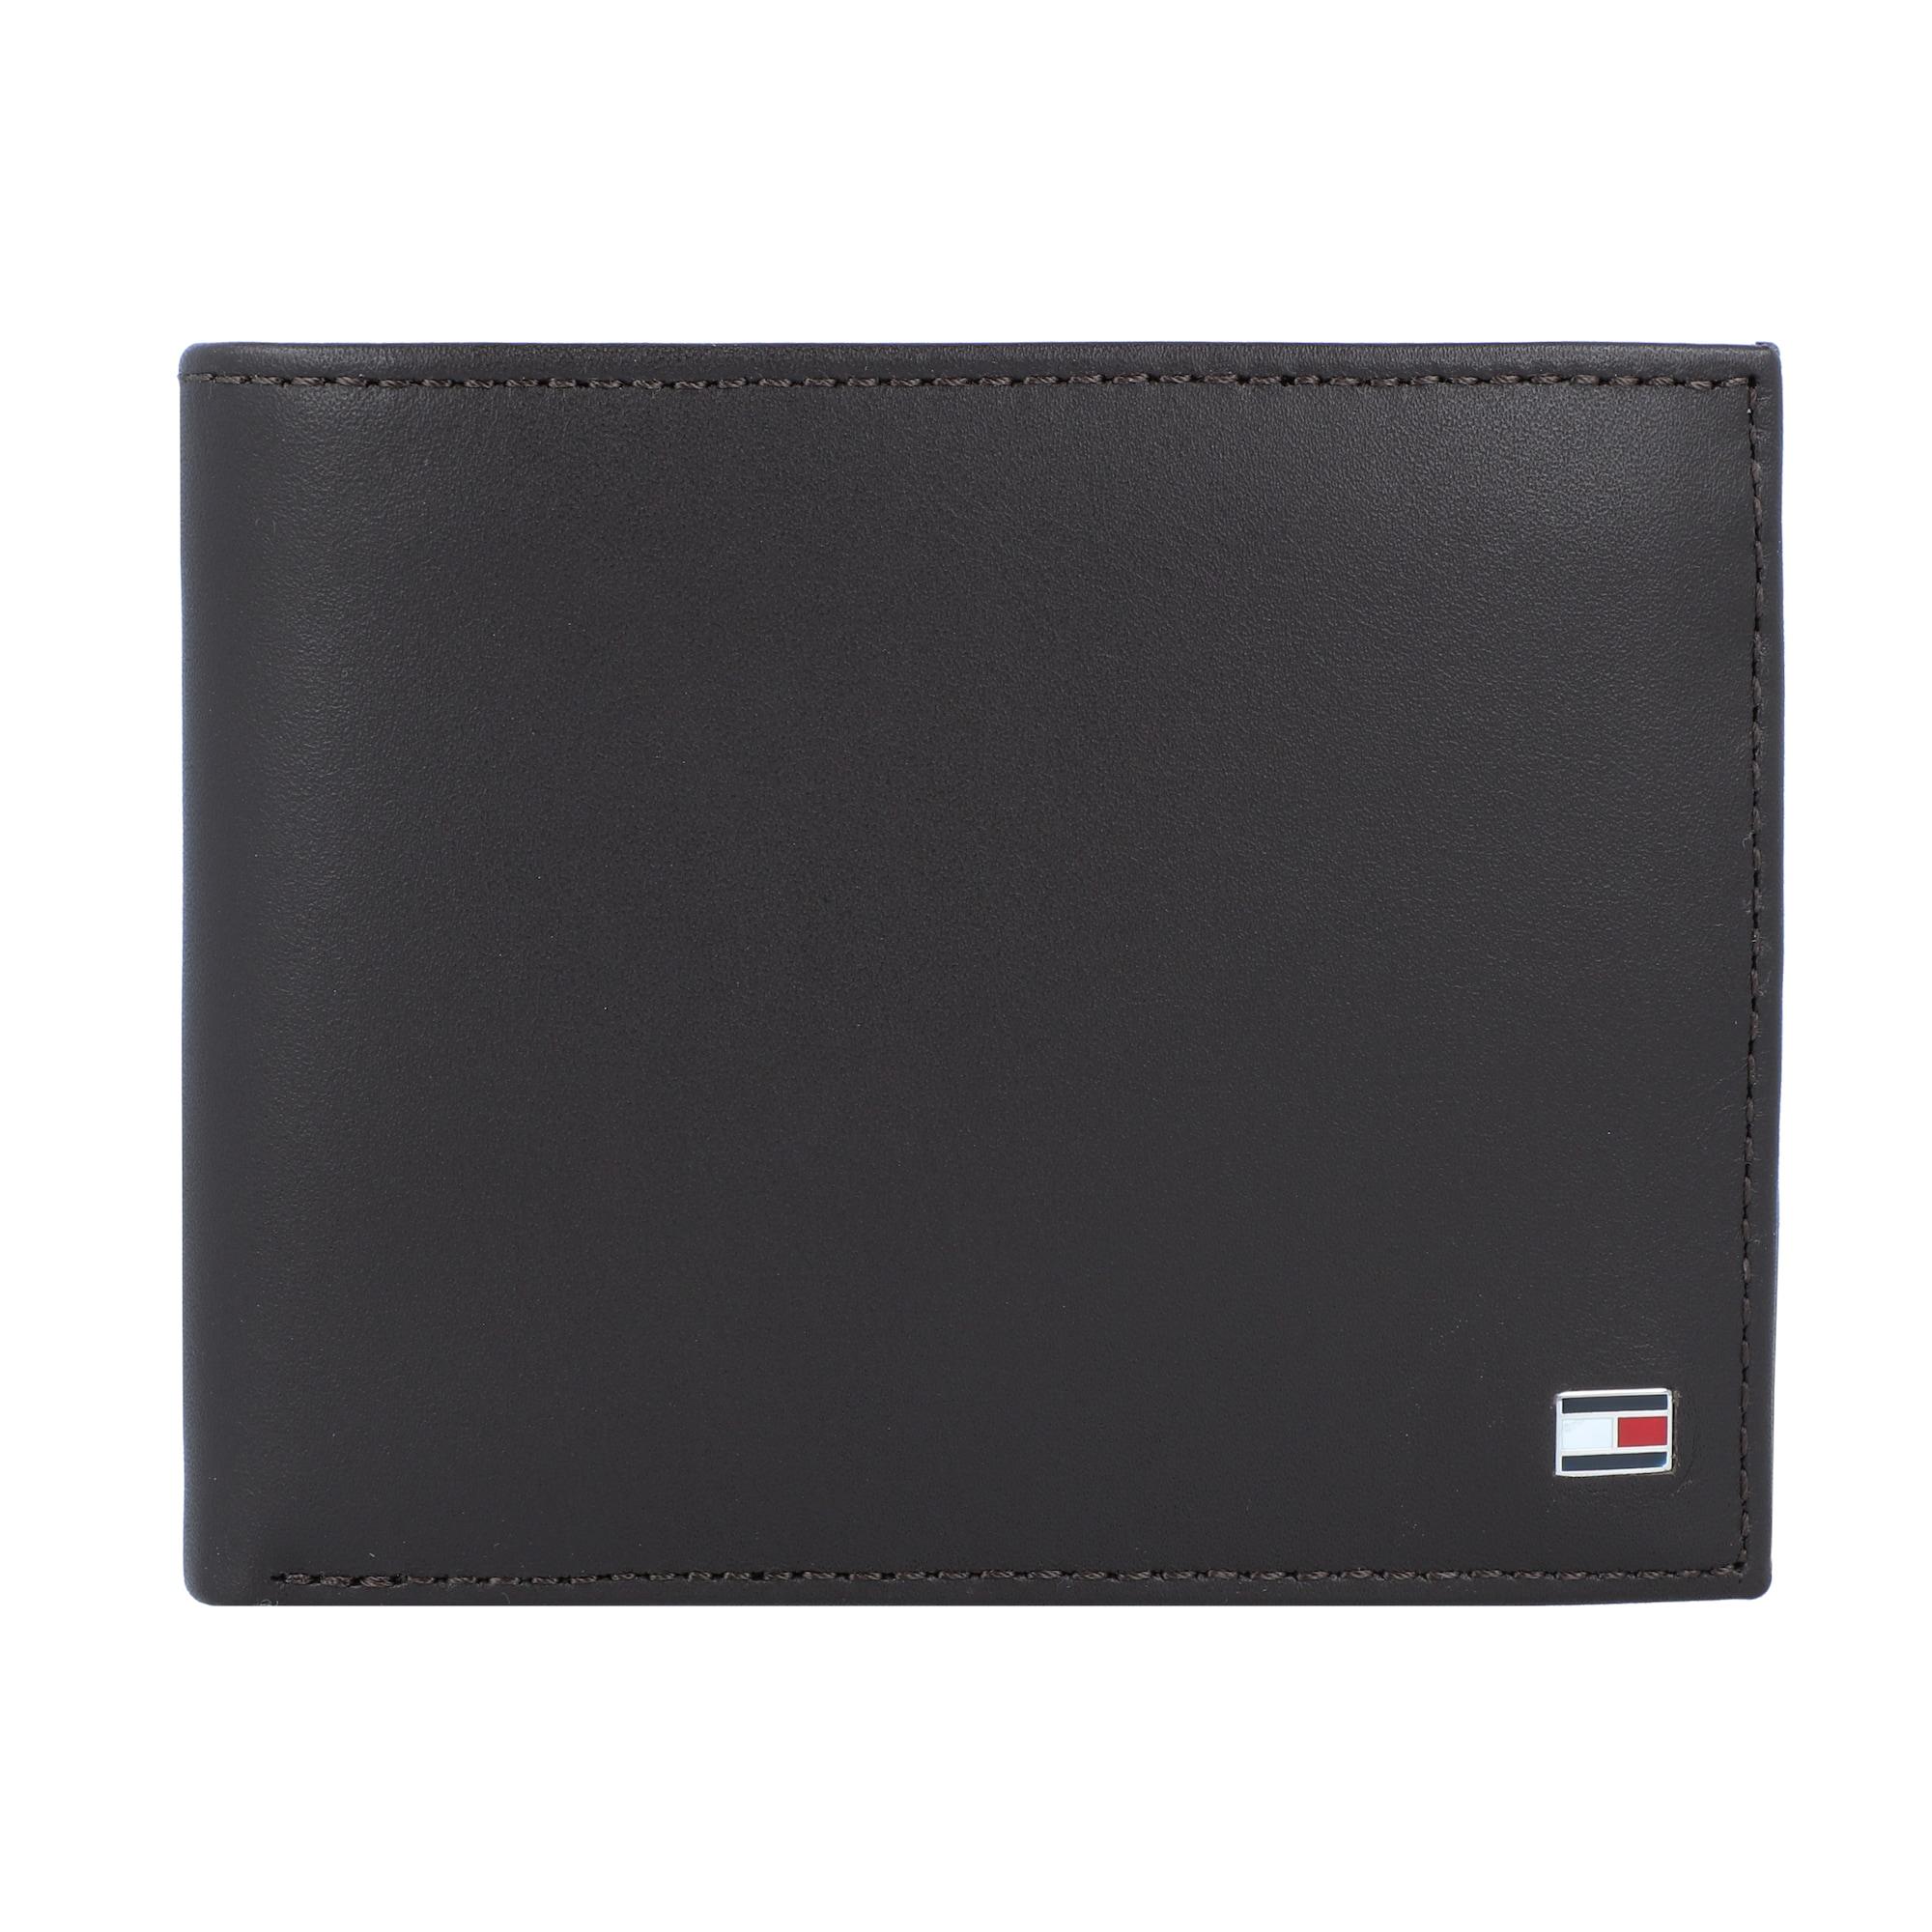 Brieftasche 'ETON' | Accessoires > Portemonnaies > Brieftaschen | Tommy Hilfiger